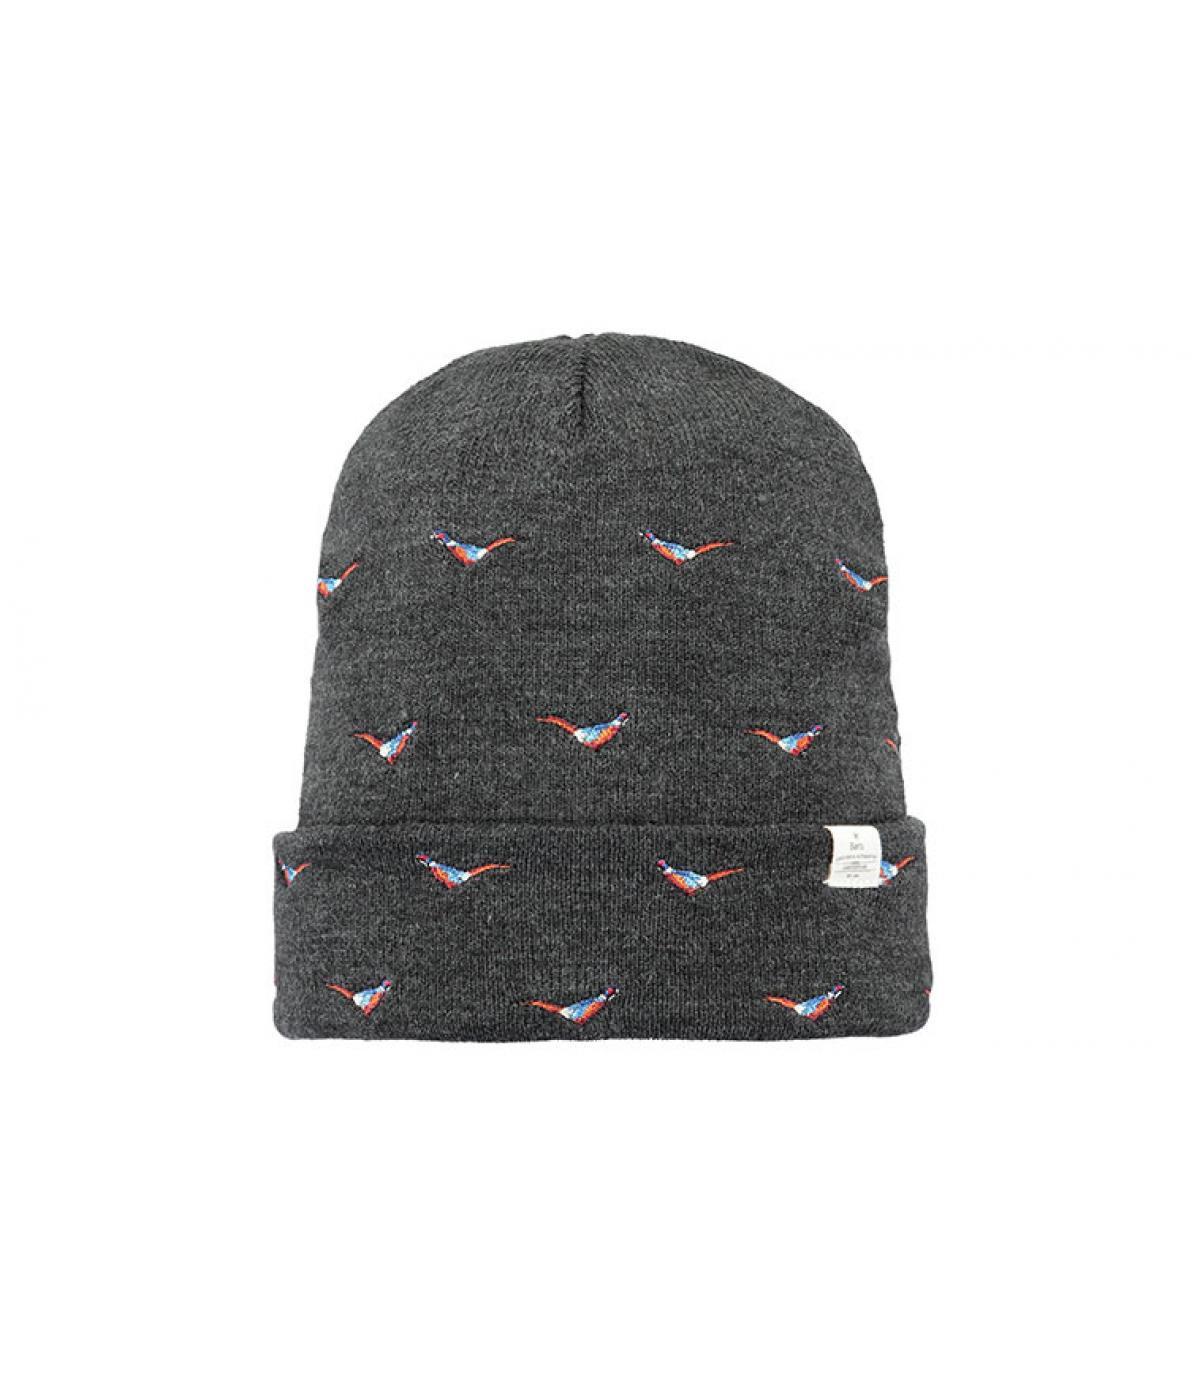 Mütze Vögel grau Revers